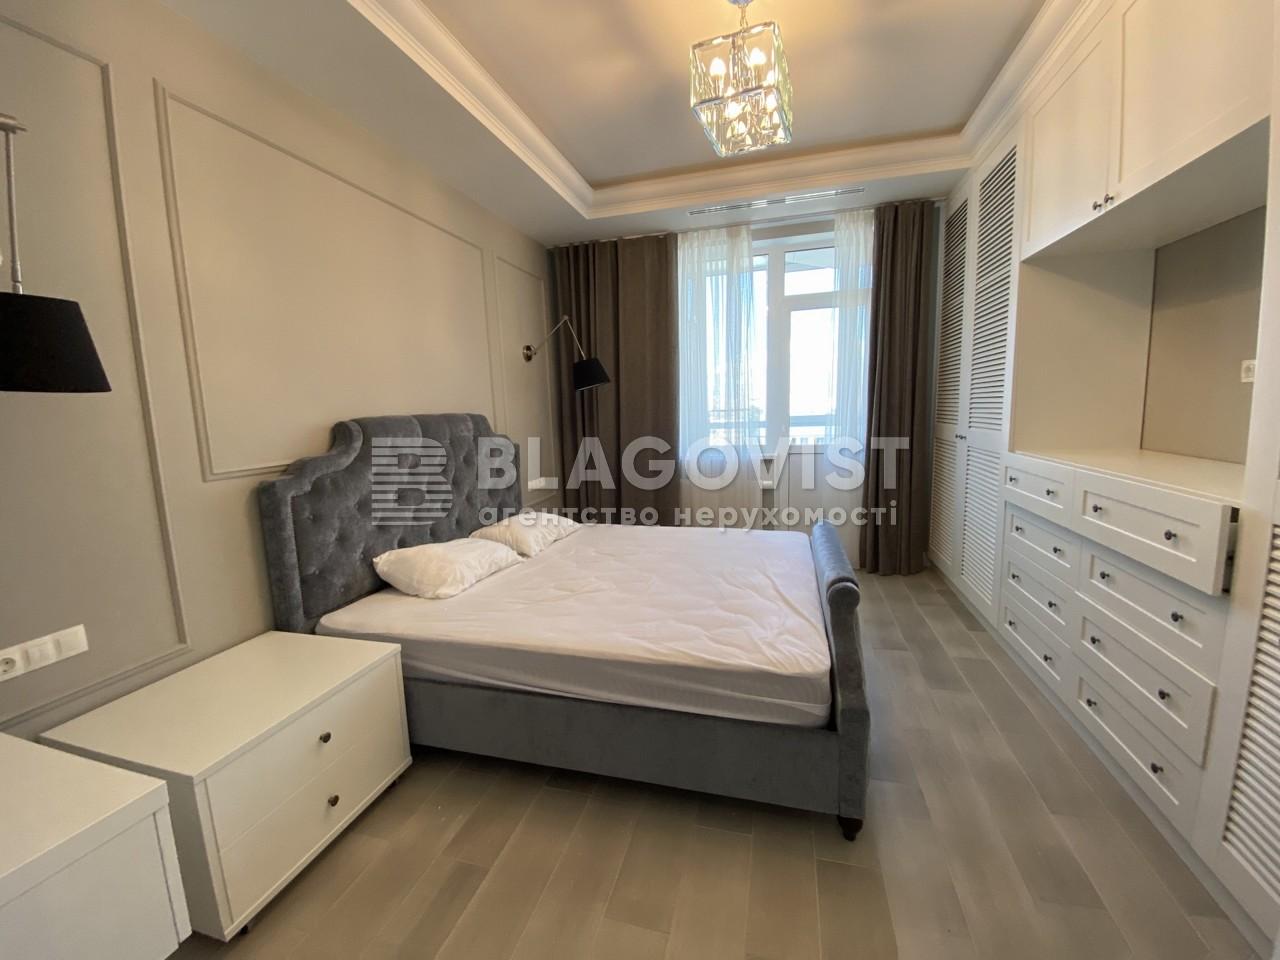 Квартира F-42256, Кирилло-Мефодиевская, 2, Киев - Фото 9